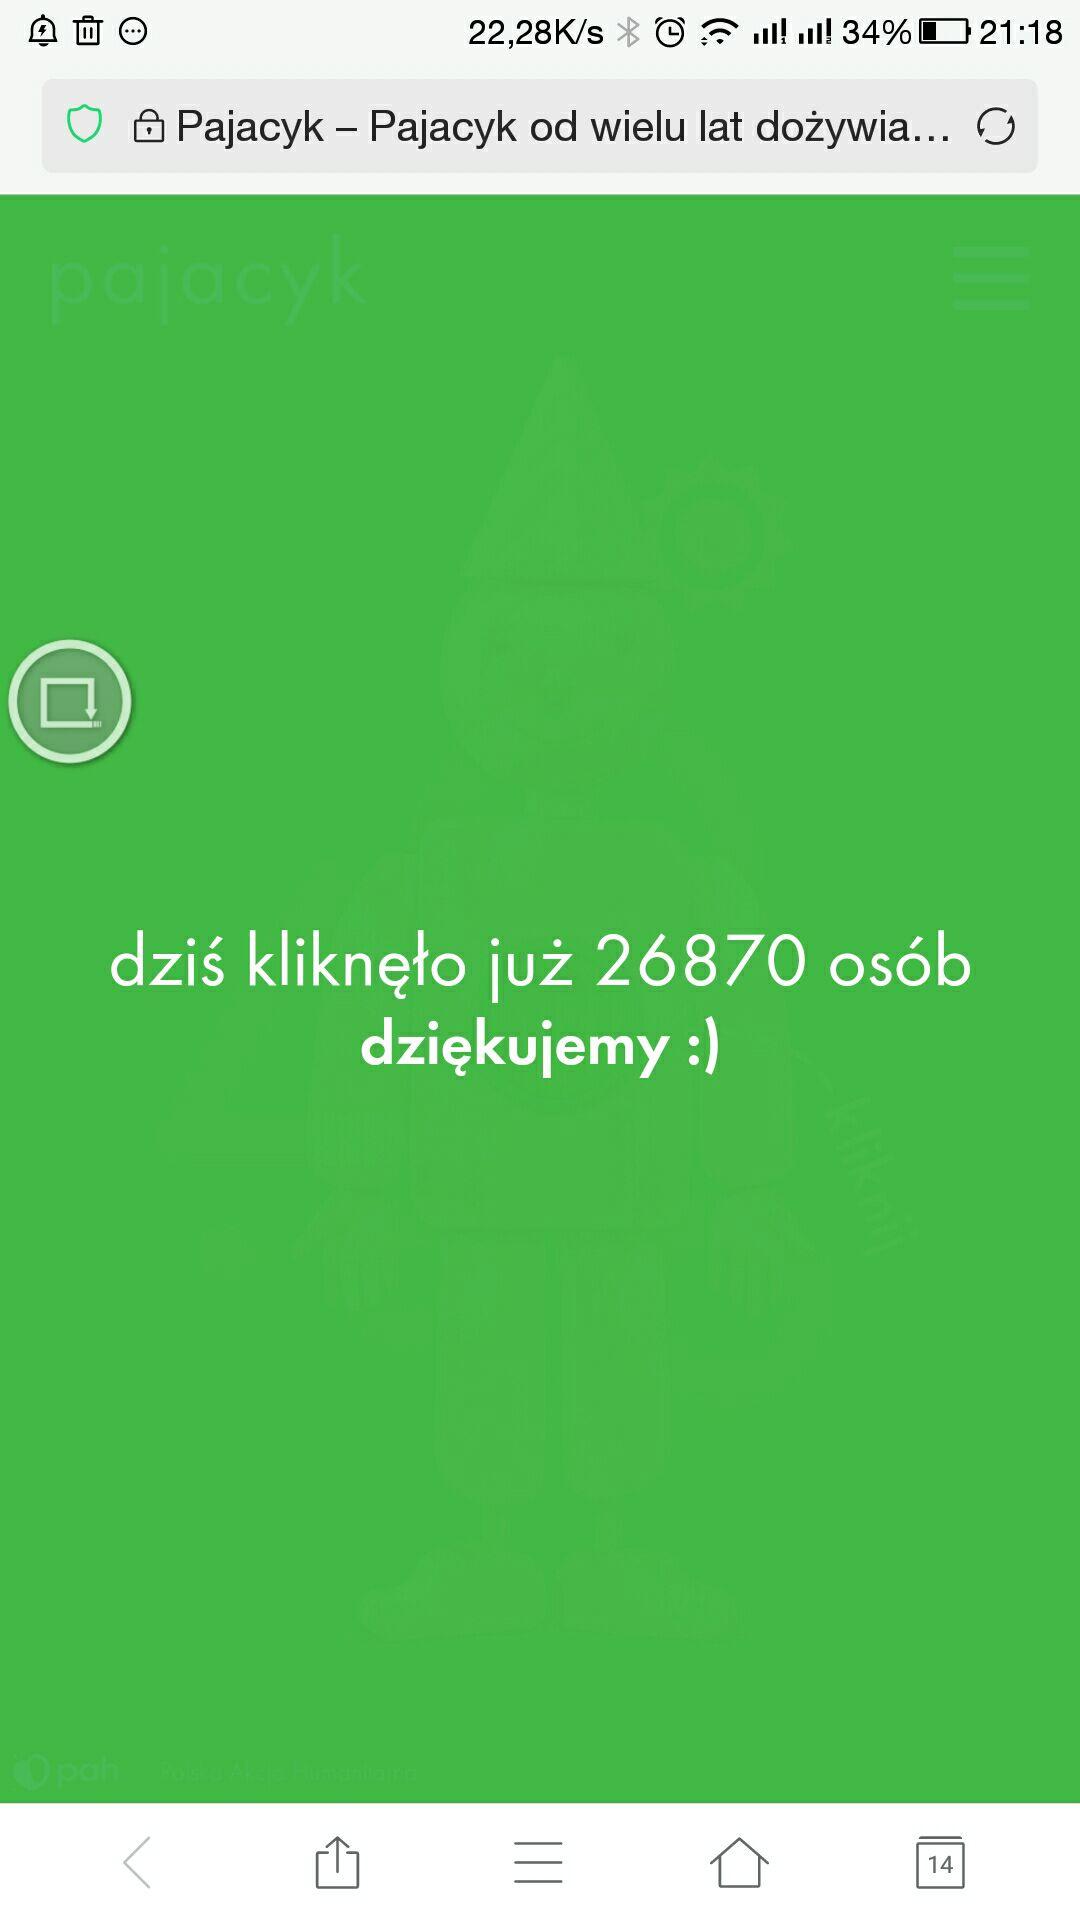 2353580-rWv0y.jpg